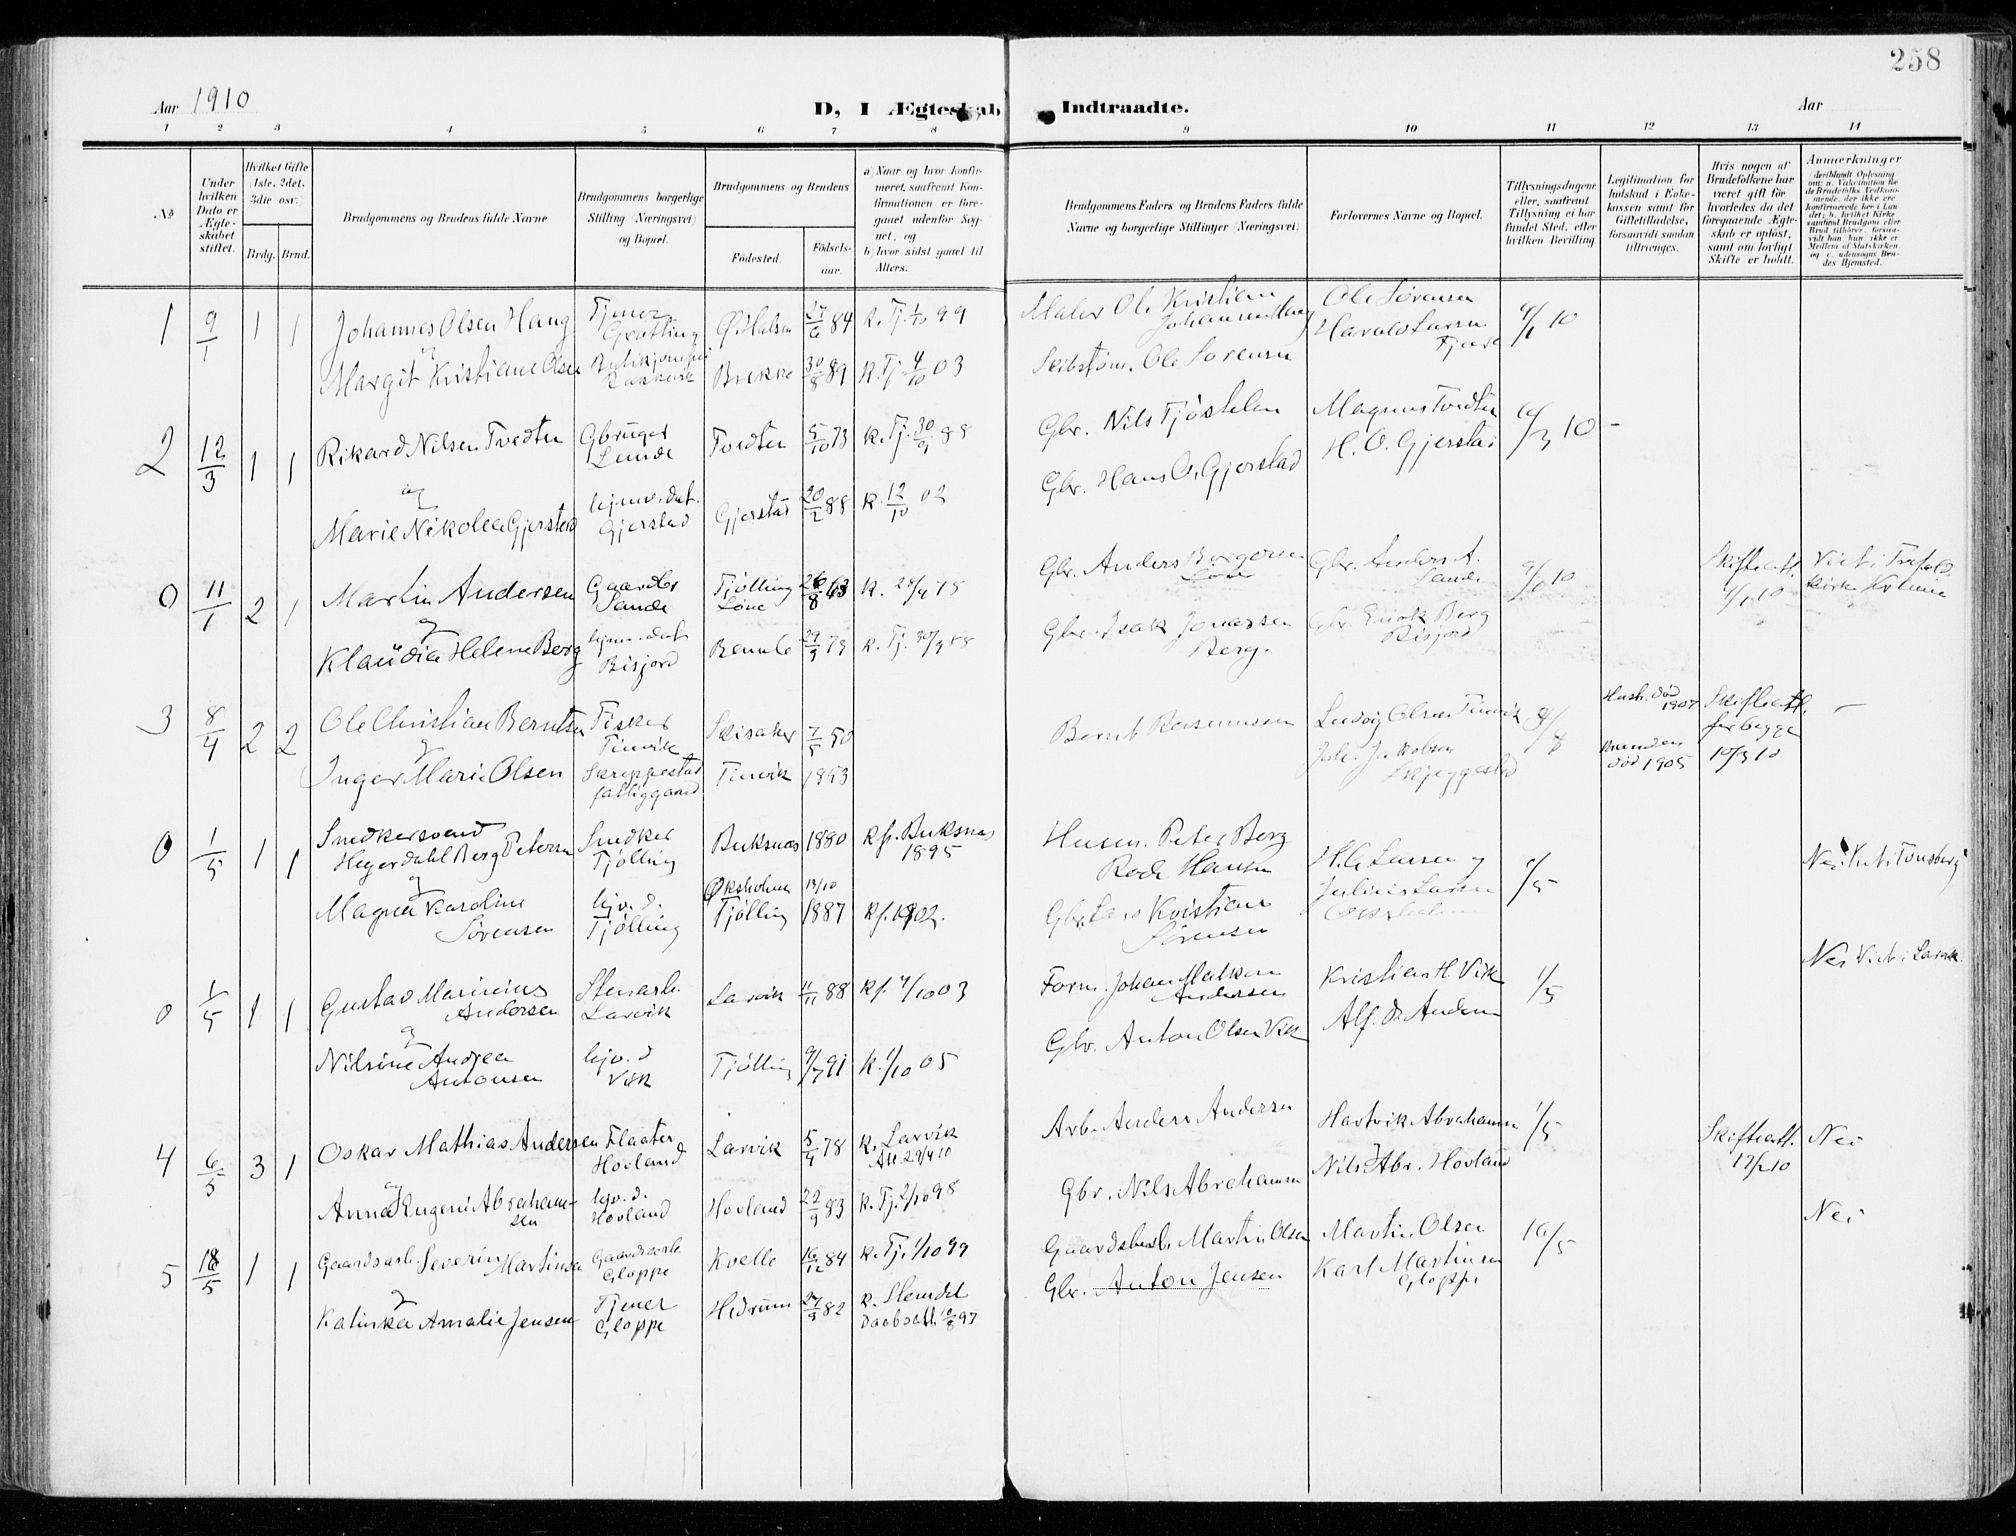 SAKO, Tjølling kirkebøker, F/Fa/L0010: Ministerialbok nr. 10, 1906-1923, s. 258